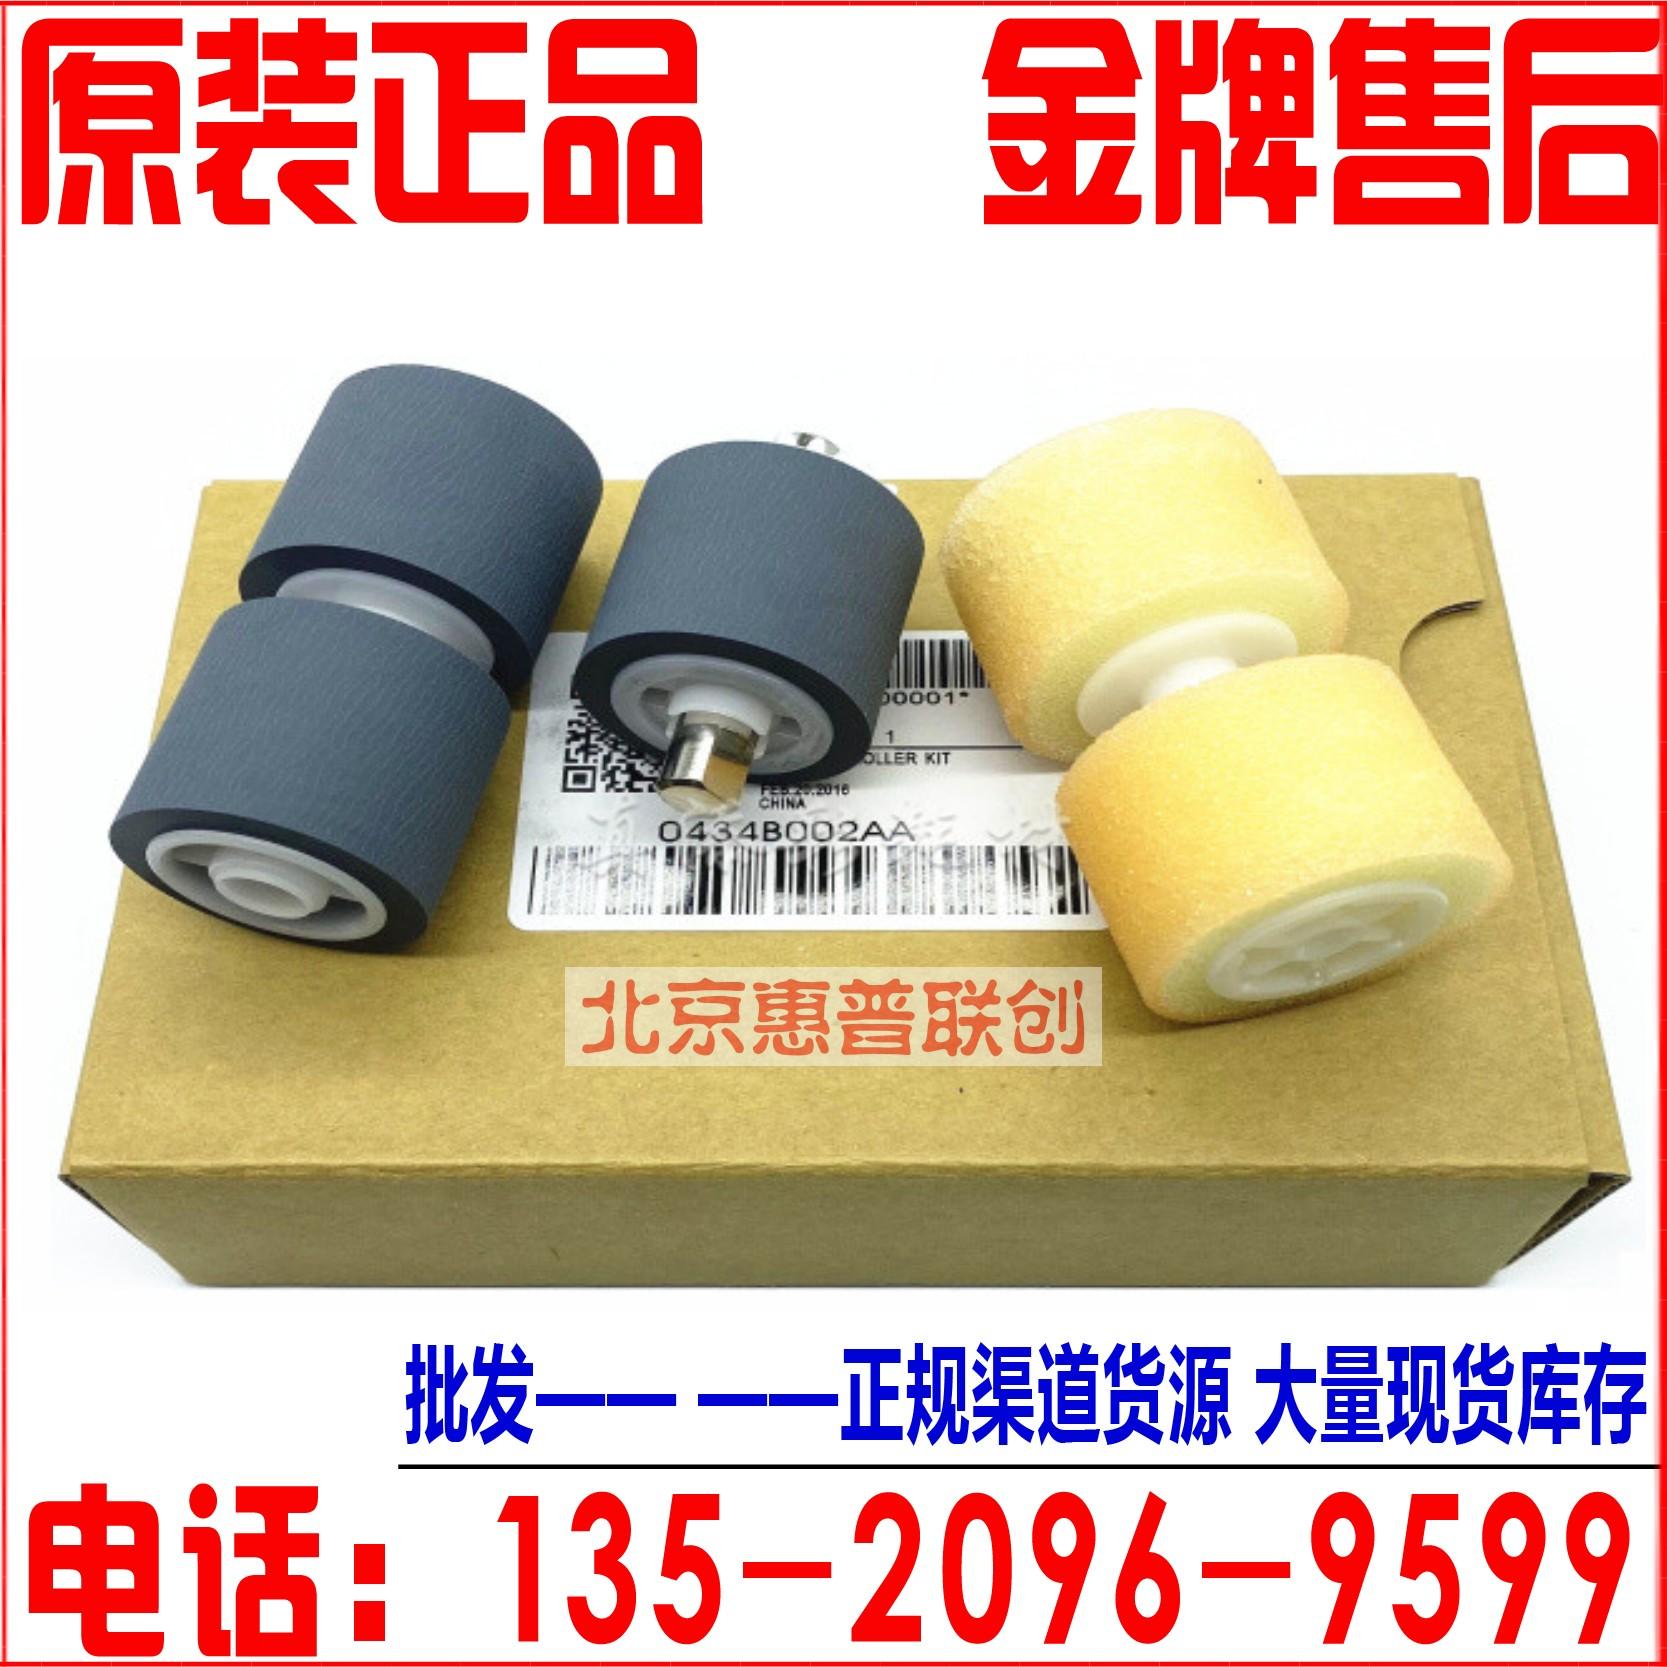 Original Canon DR6030C roue en papier Canon DR5010C couverture de roue d'alimentation scanner de roue de papier